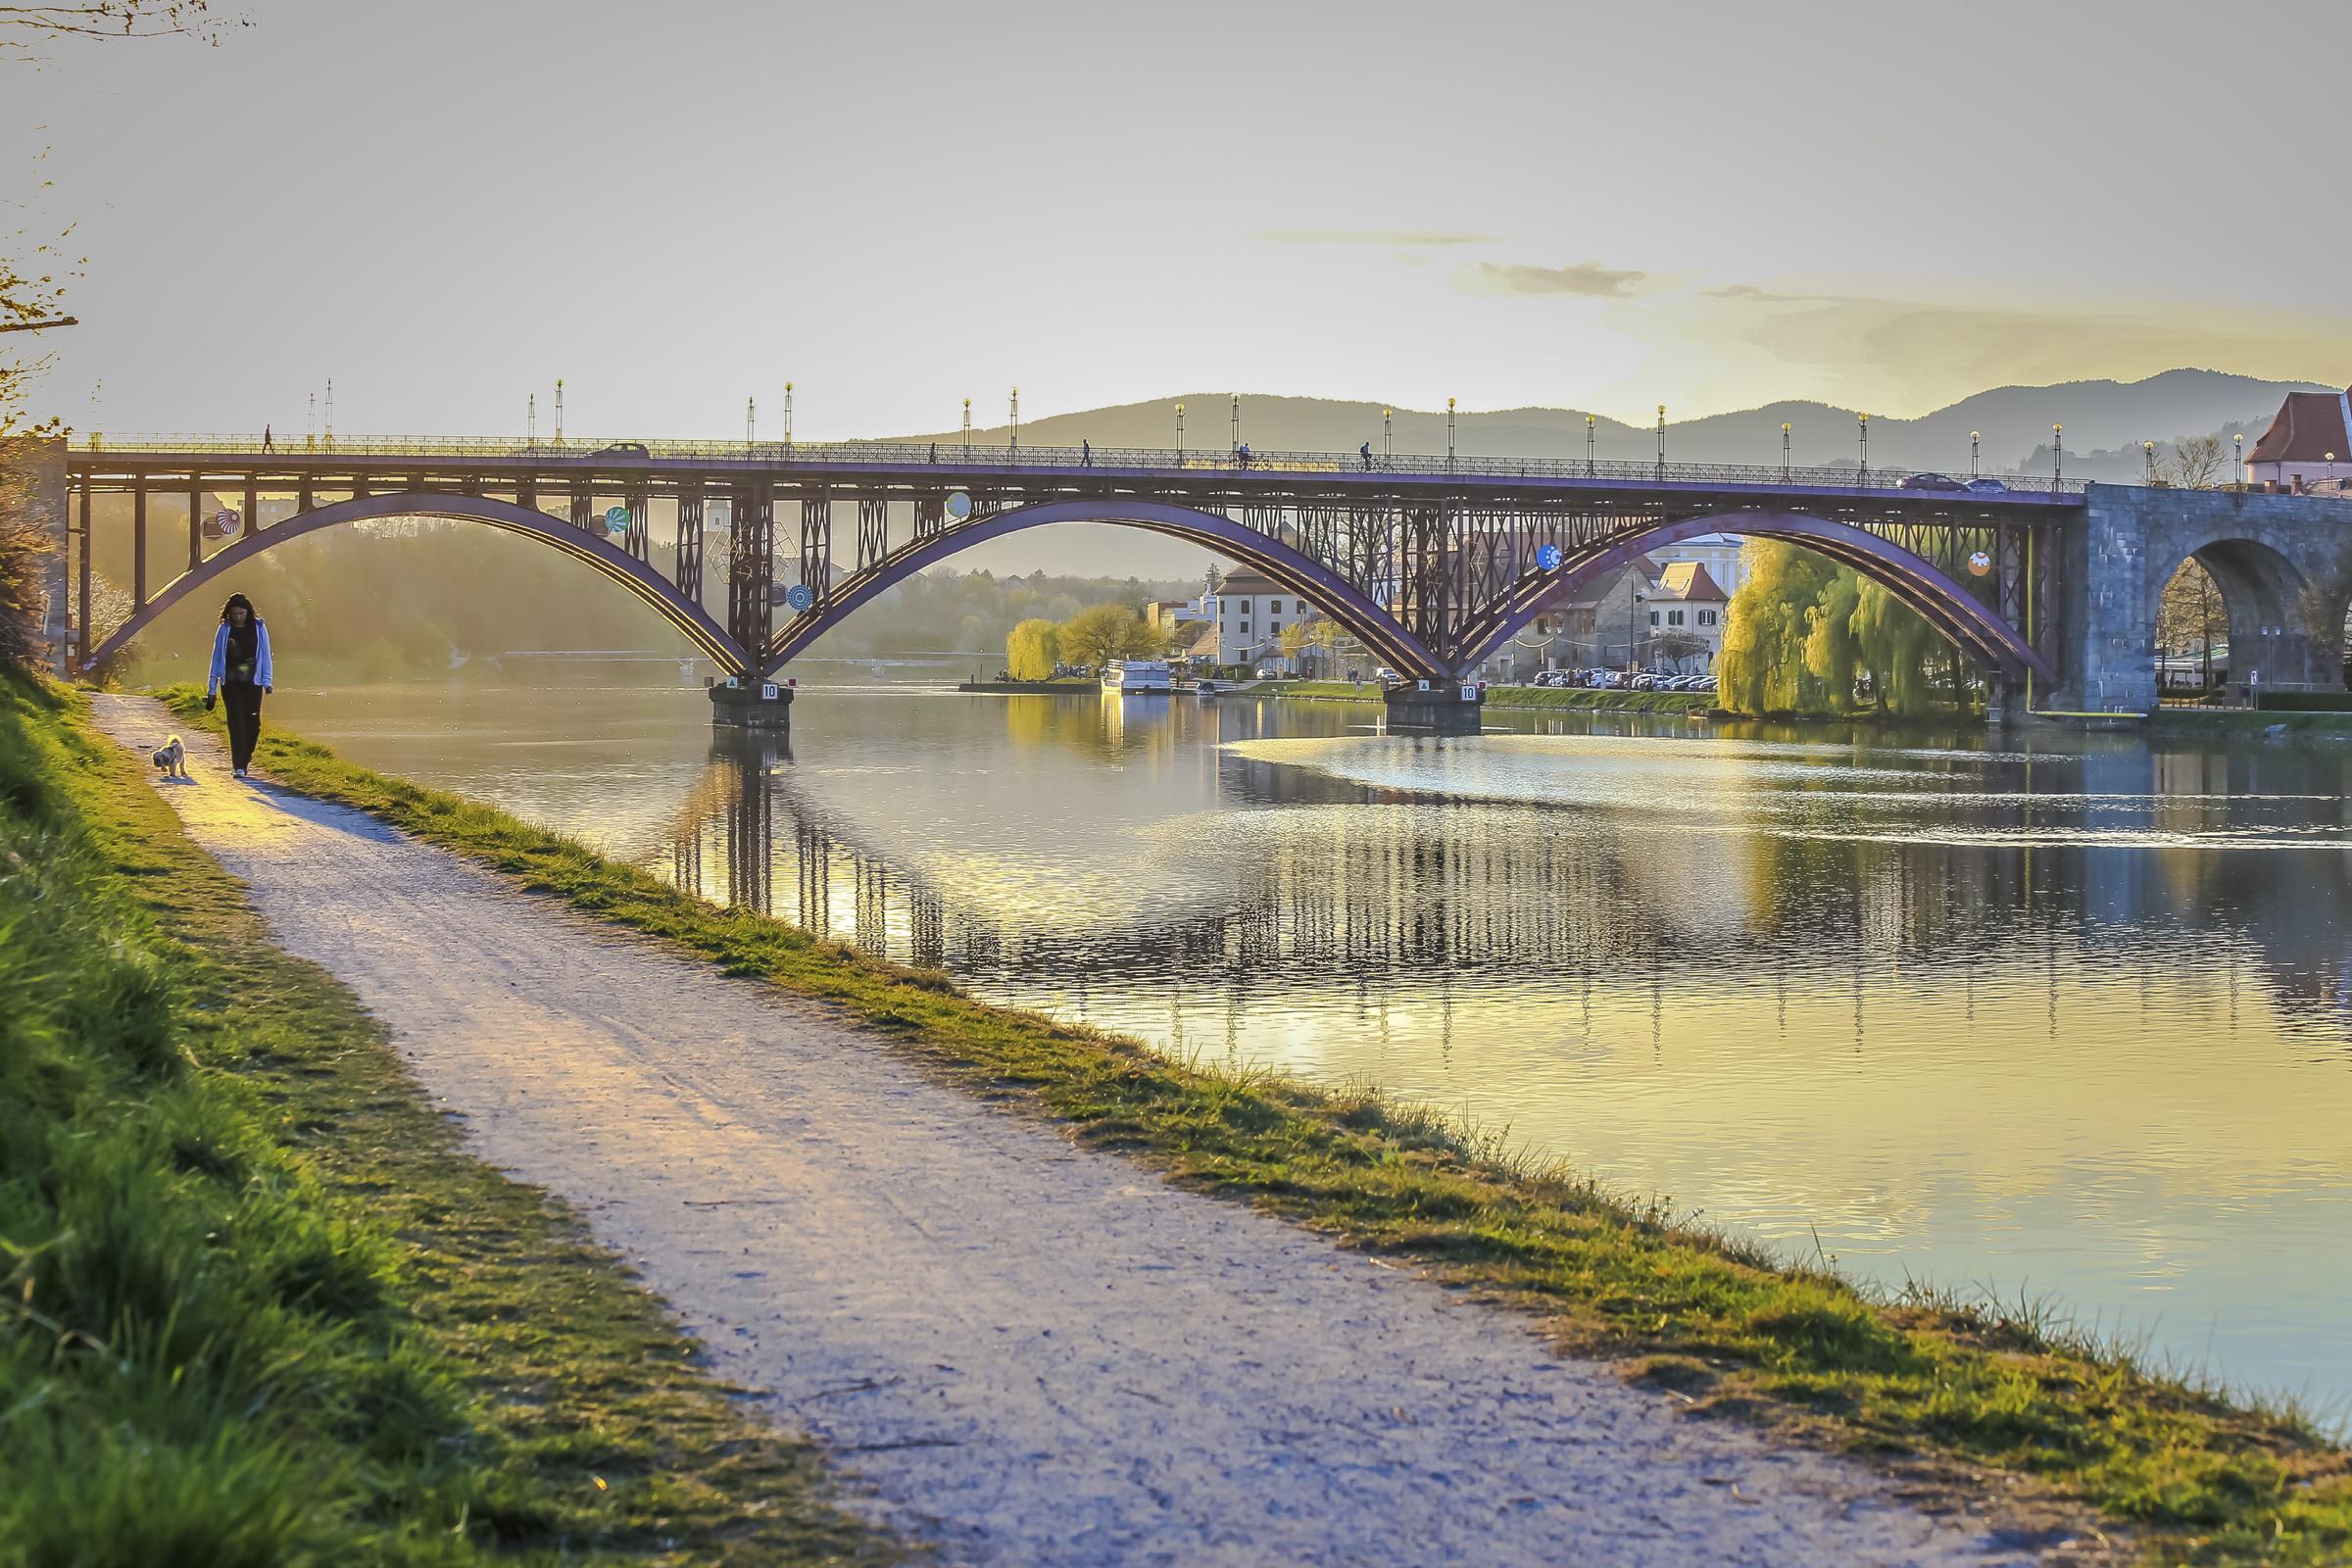 Fotogenični maribor - top city foto spots